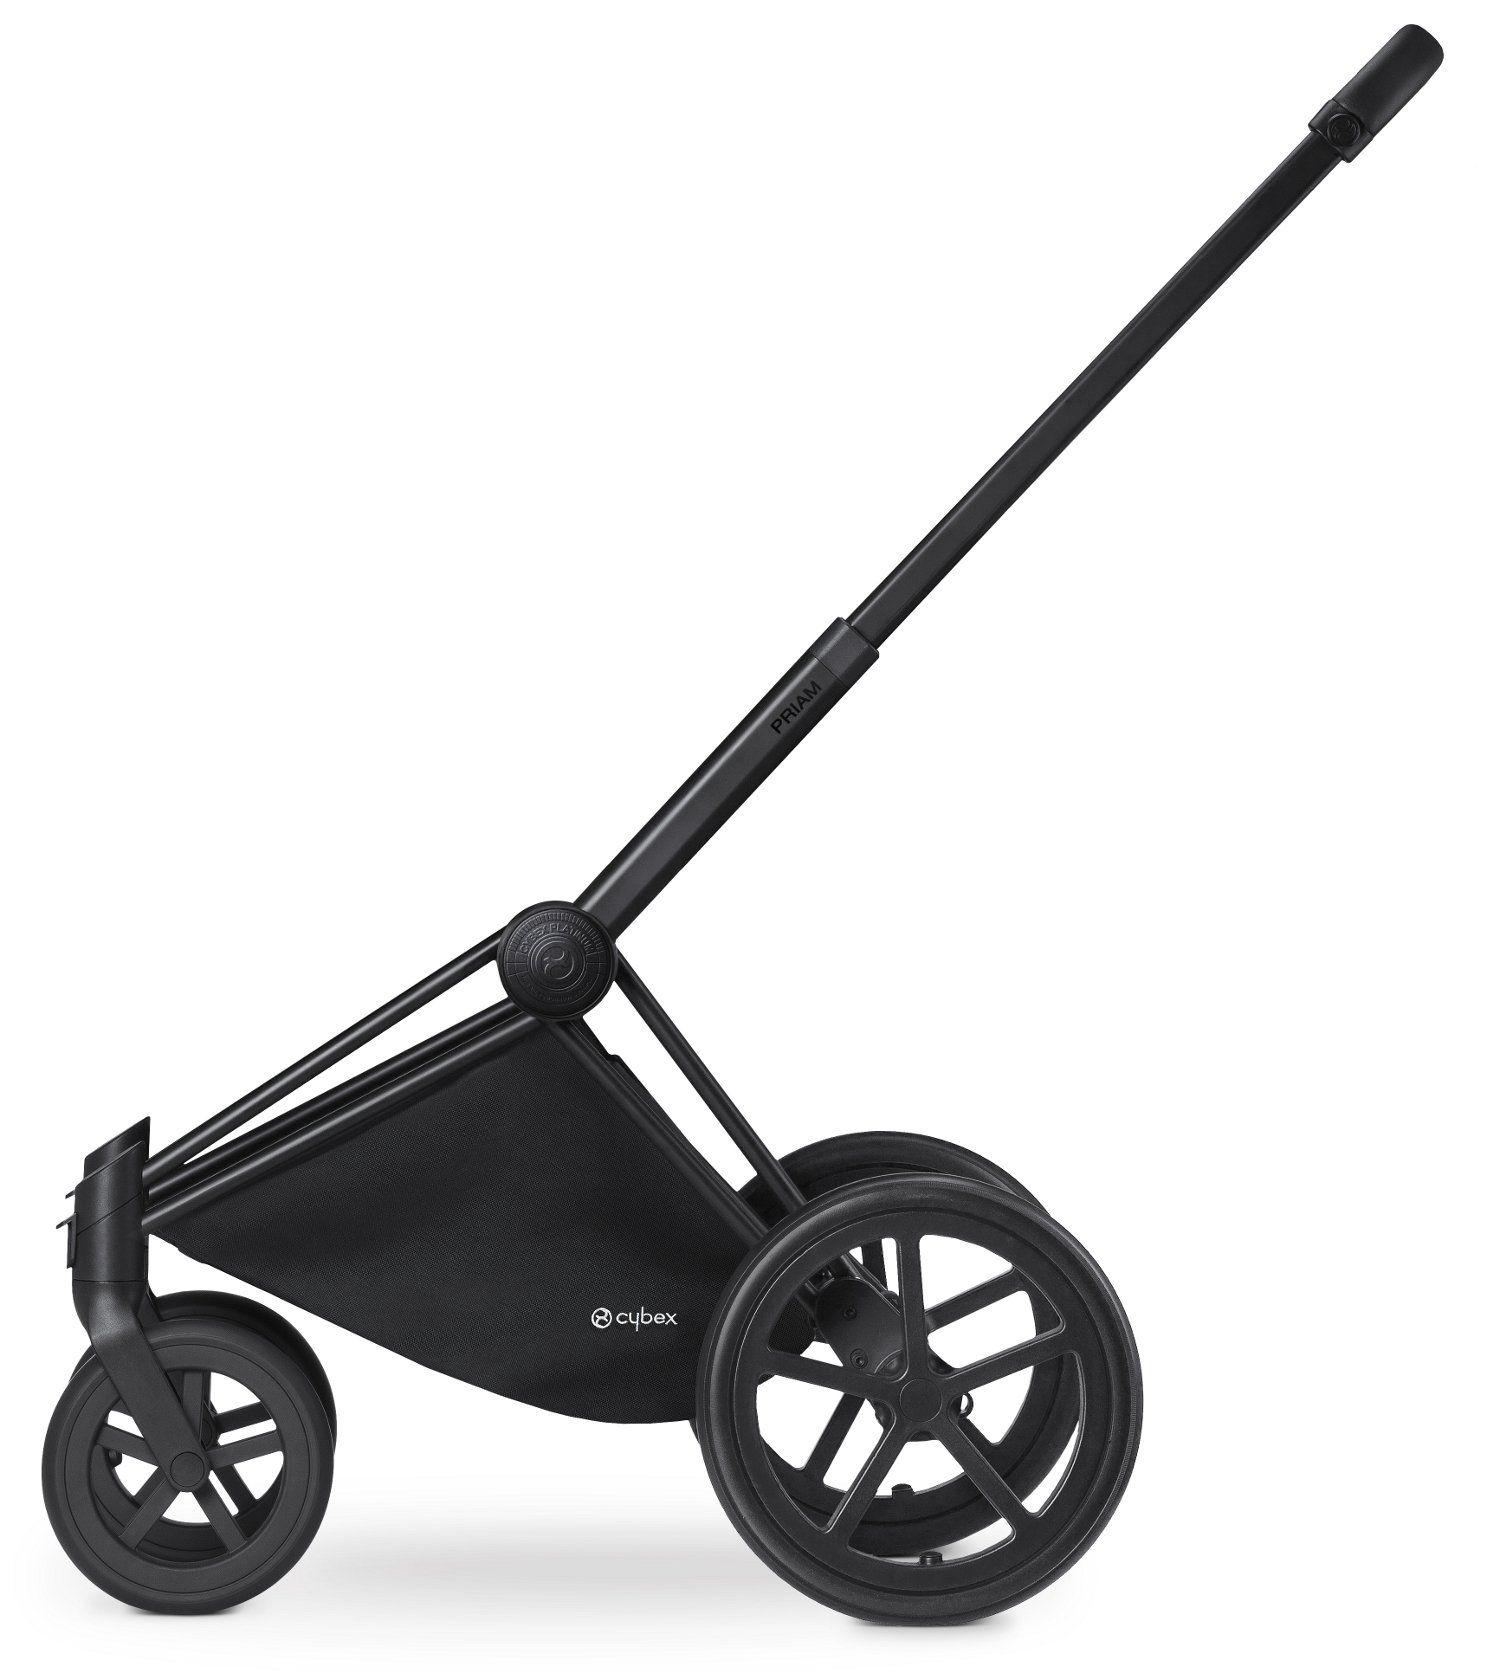 Châssis Priam avec roues Trekking Chrome Black de chez